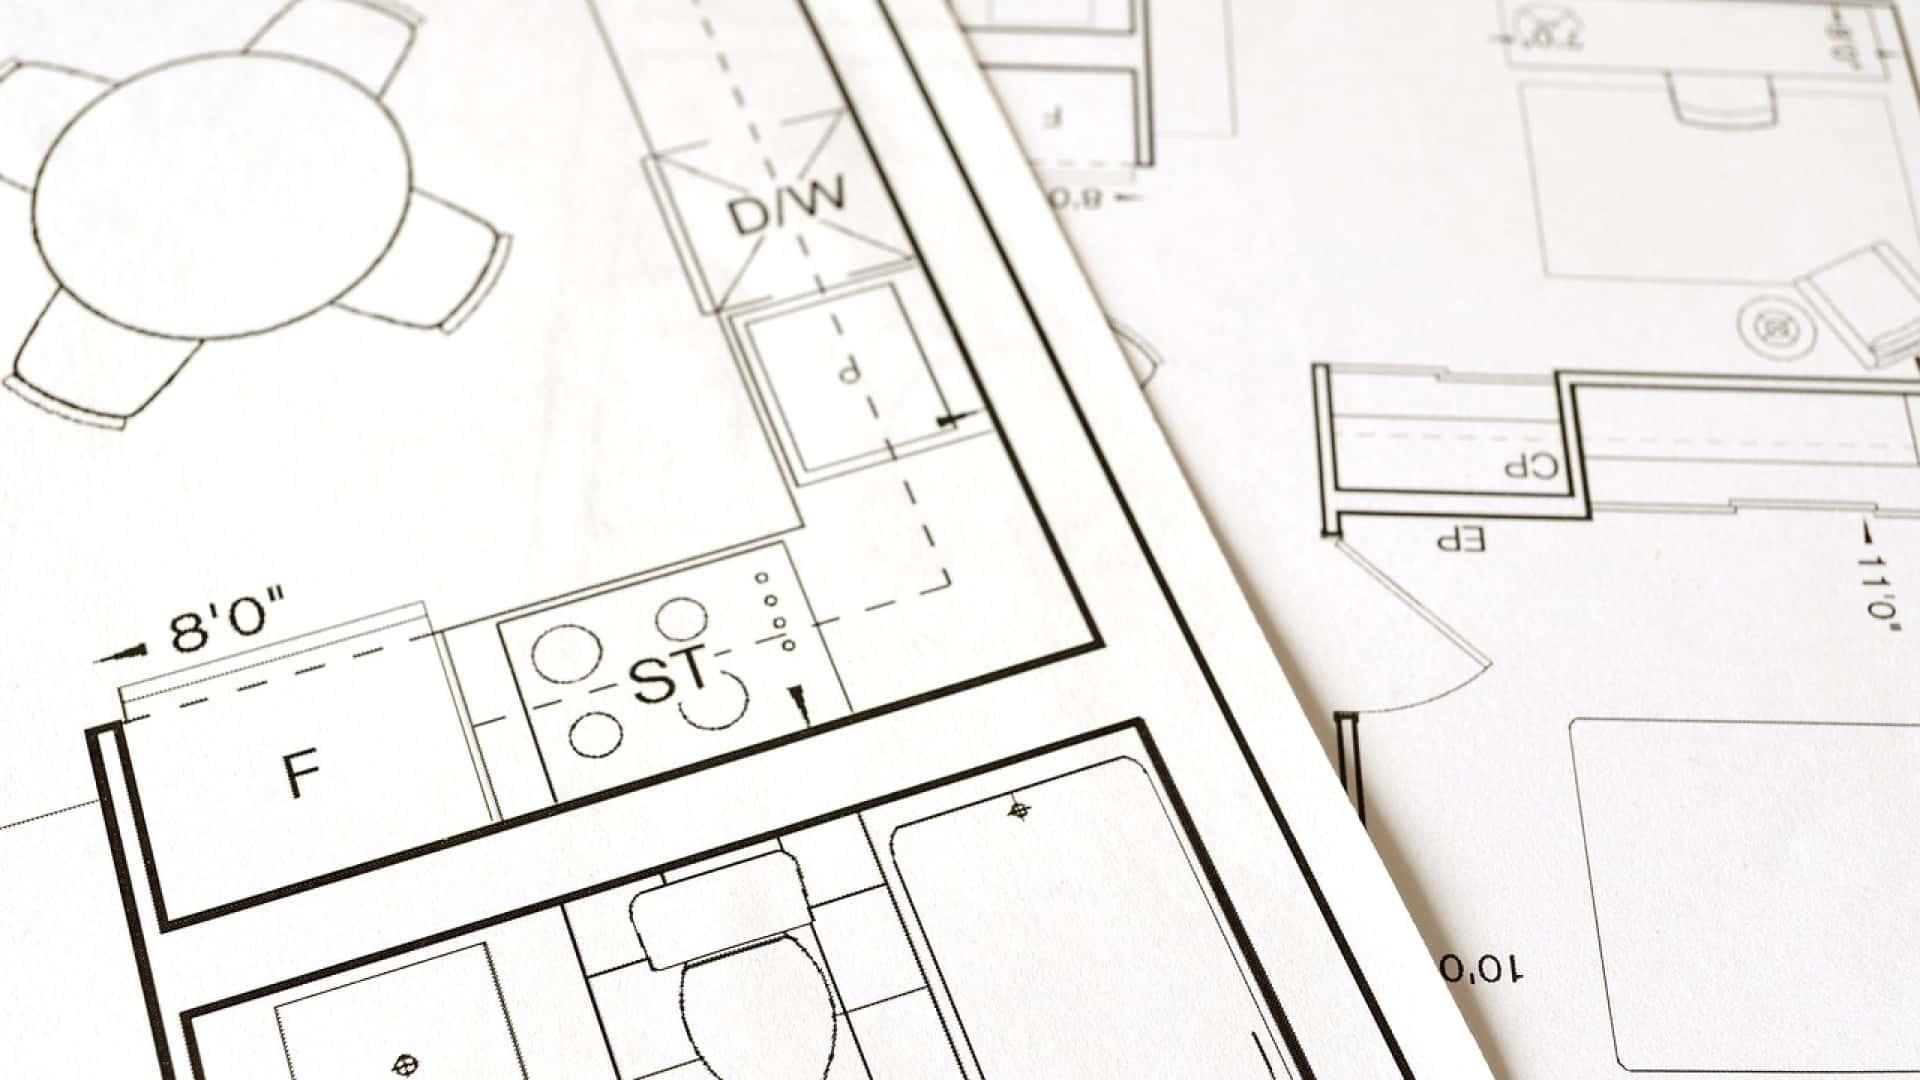 Faut-il louer ou acheter un bien immobilier ?